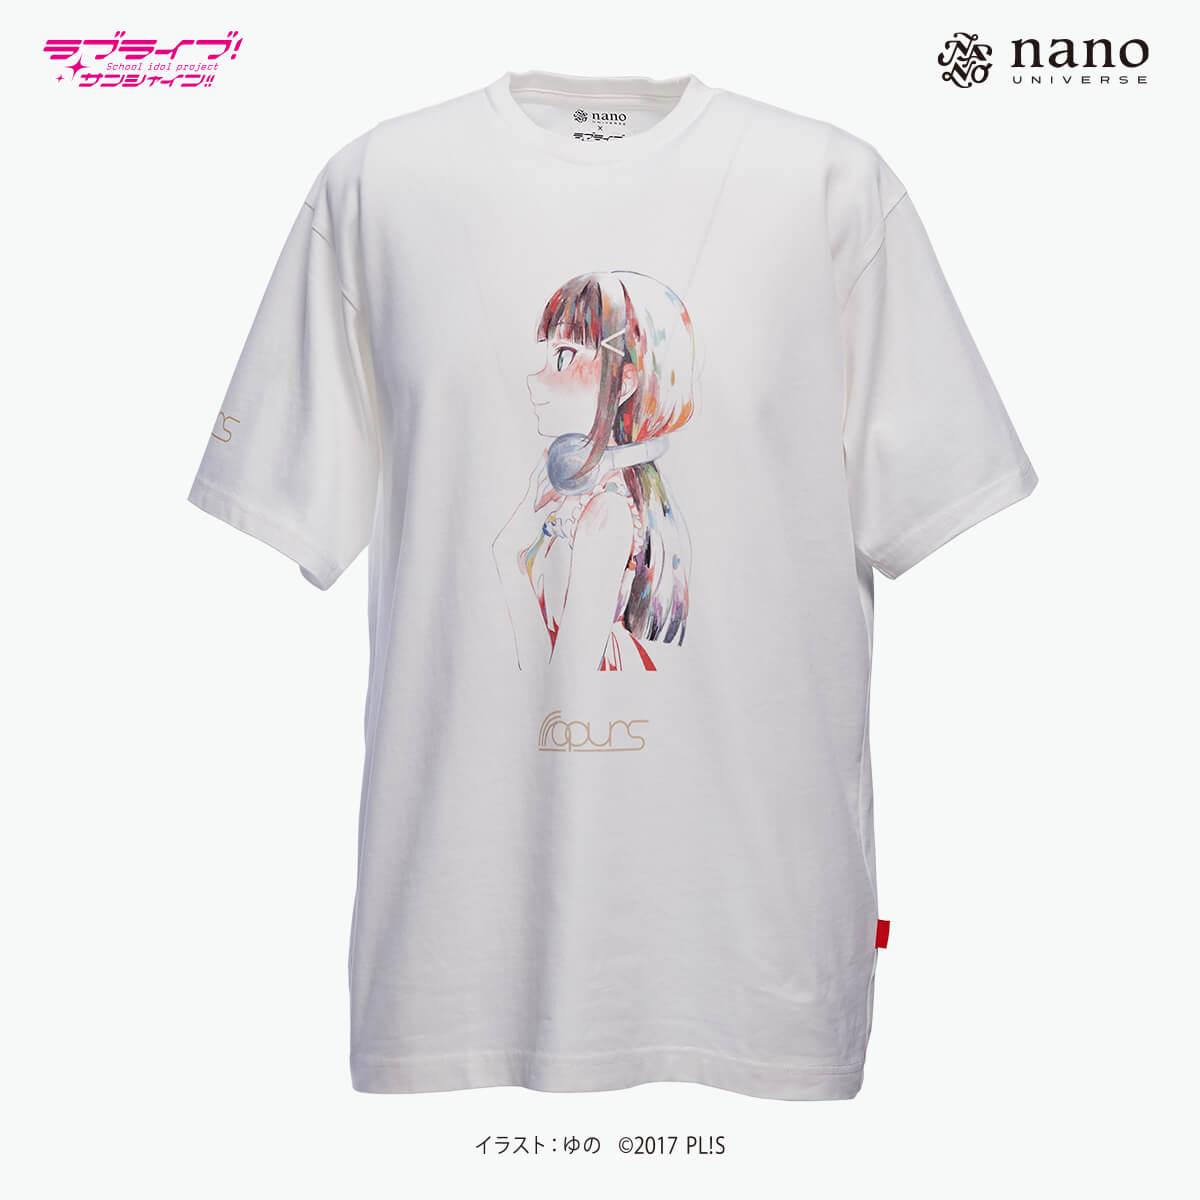 [ナノ・ユニバースコラボ] ナノ・ユニバース×ラブライブ !サンシャイン!!ナノファインTシャツ【黒澤ダイヤ】